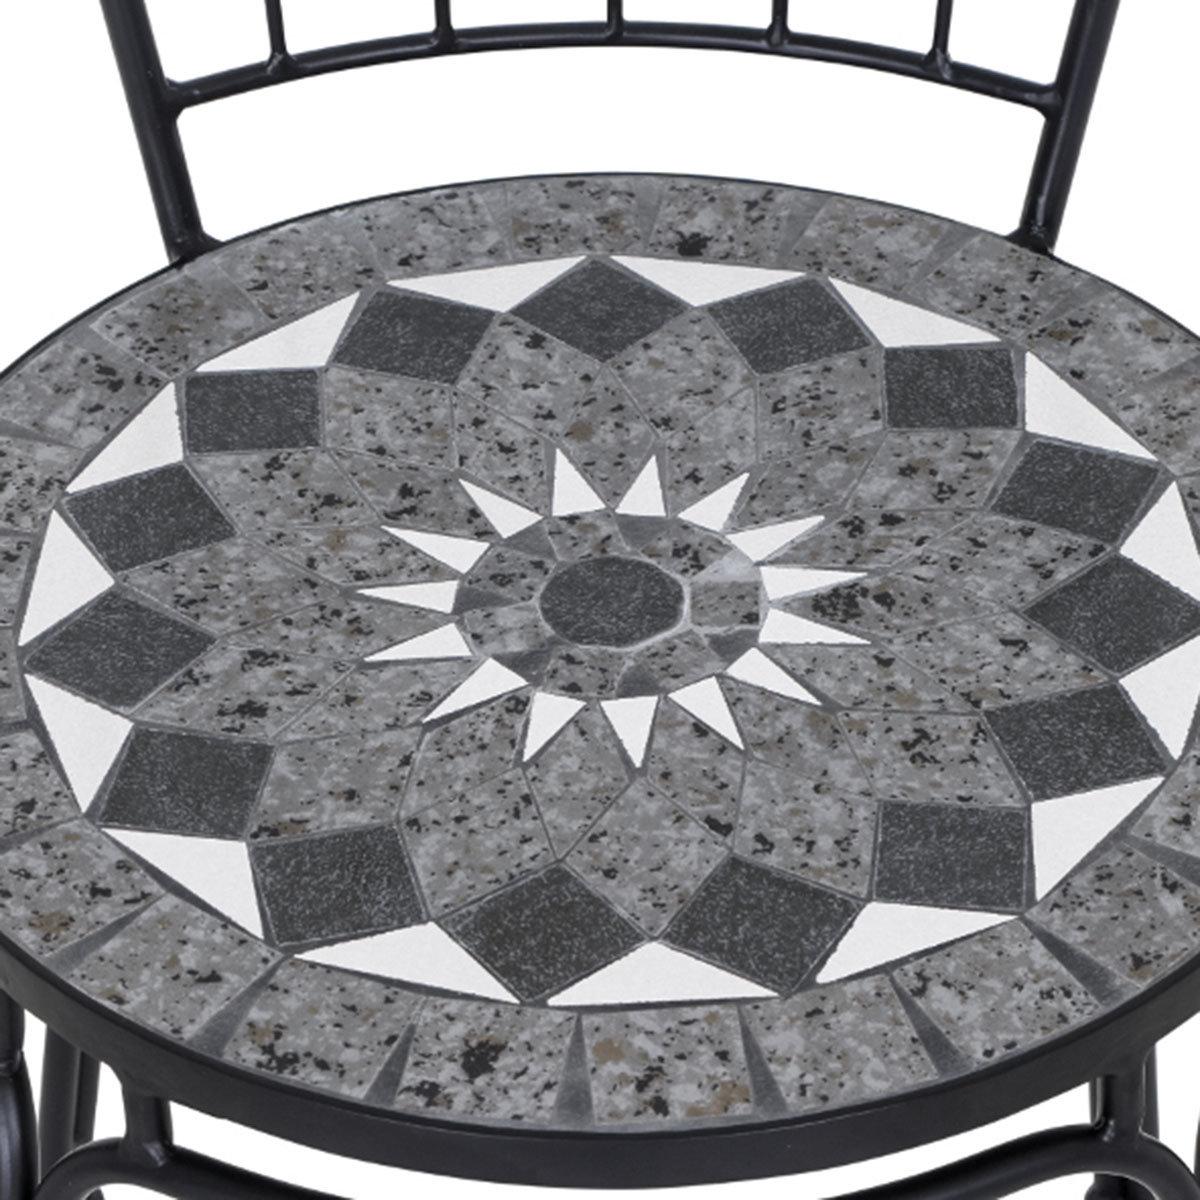 Stapelstuhl Mosaik, Stahlgestell mit Keramikfläche, ca. 49 x 43 x93,5 cm | #5